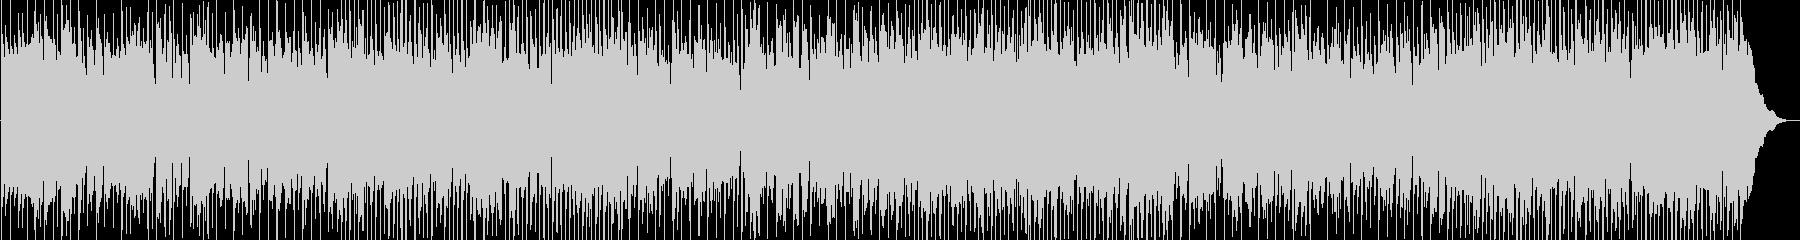 軽快なカントリーロックBGMの未再生の波形